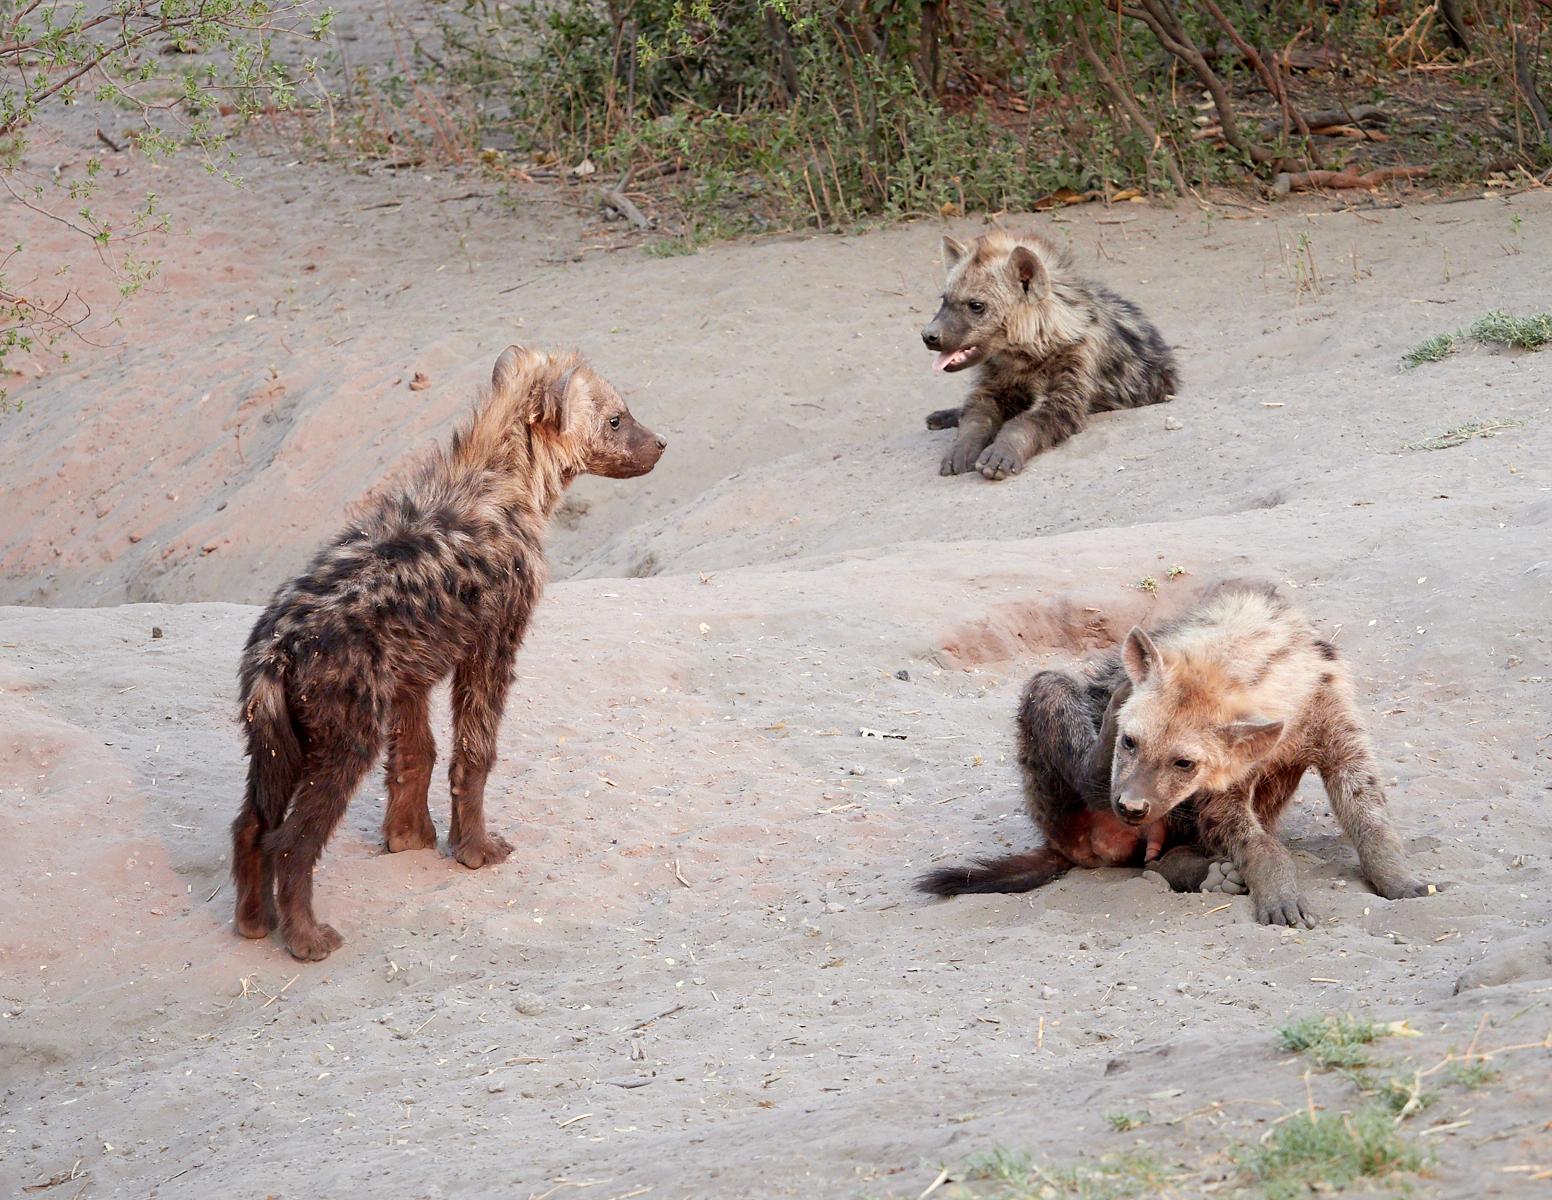 Hyena babies 1600x1200 sRGB.jpg